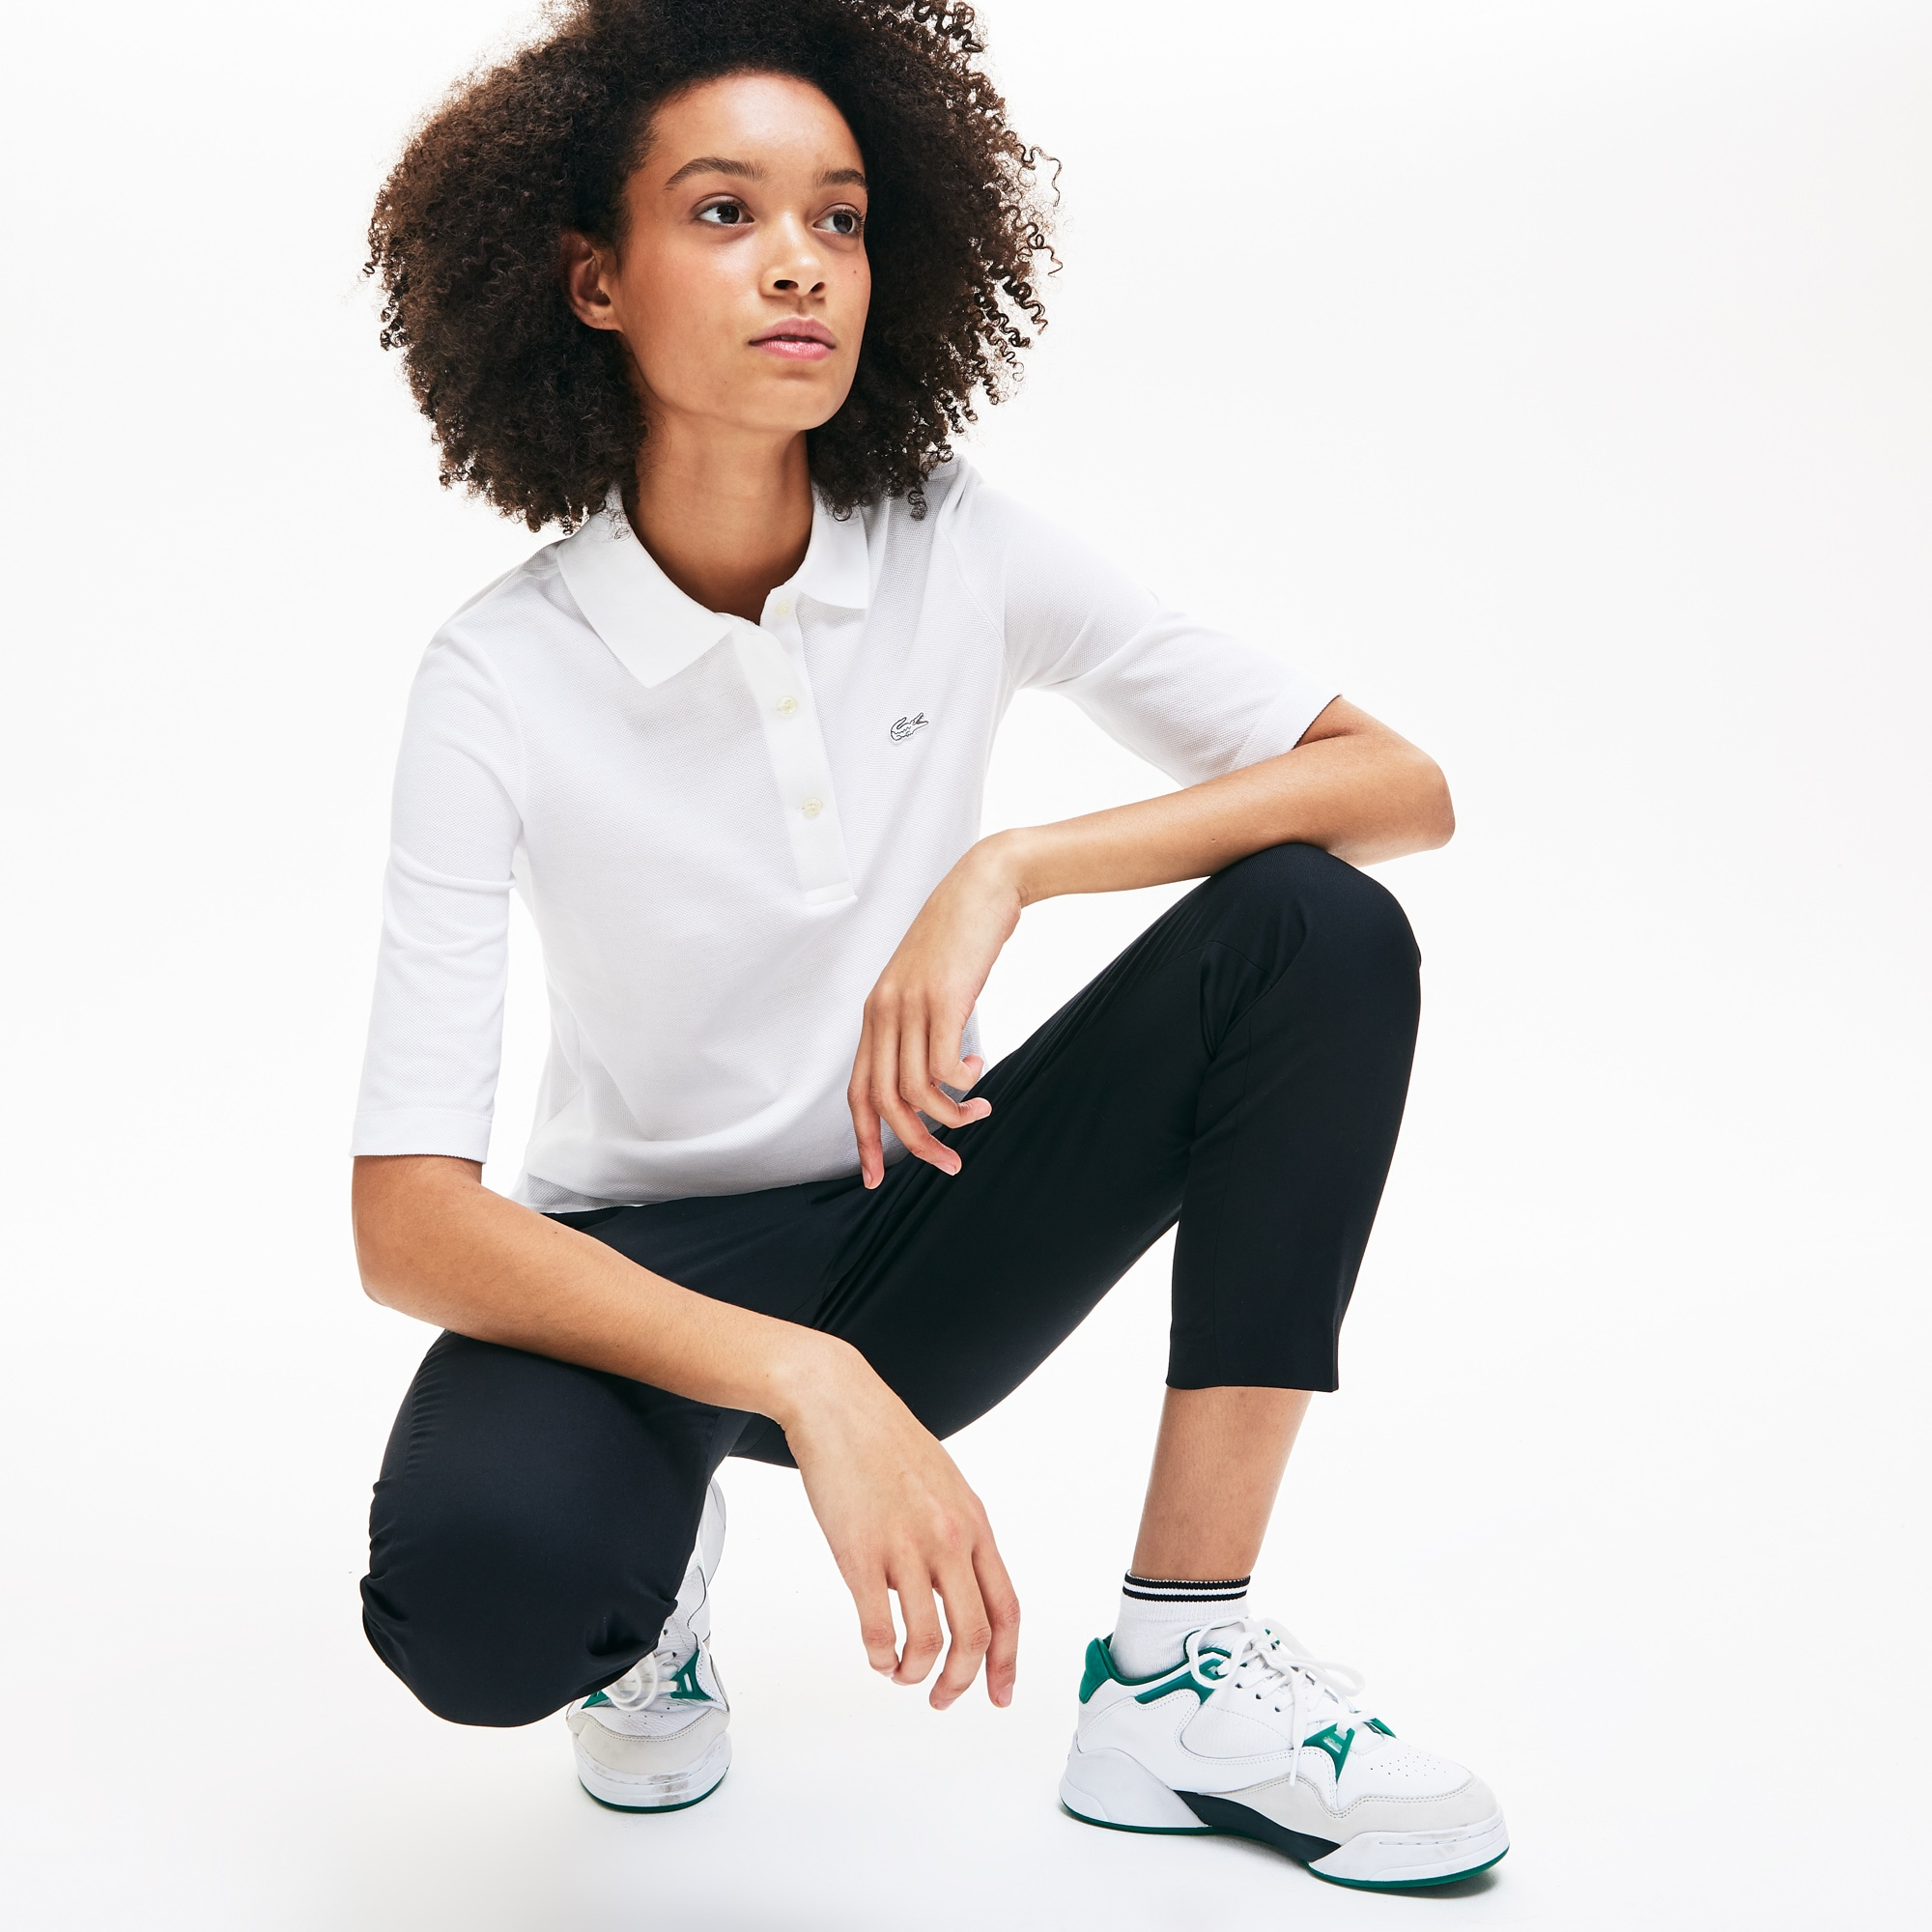 Classic Fit Damen-Poloshirt aus Petit Piqué LACOSTE